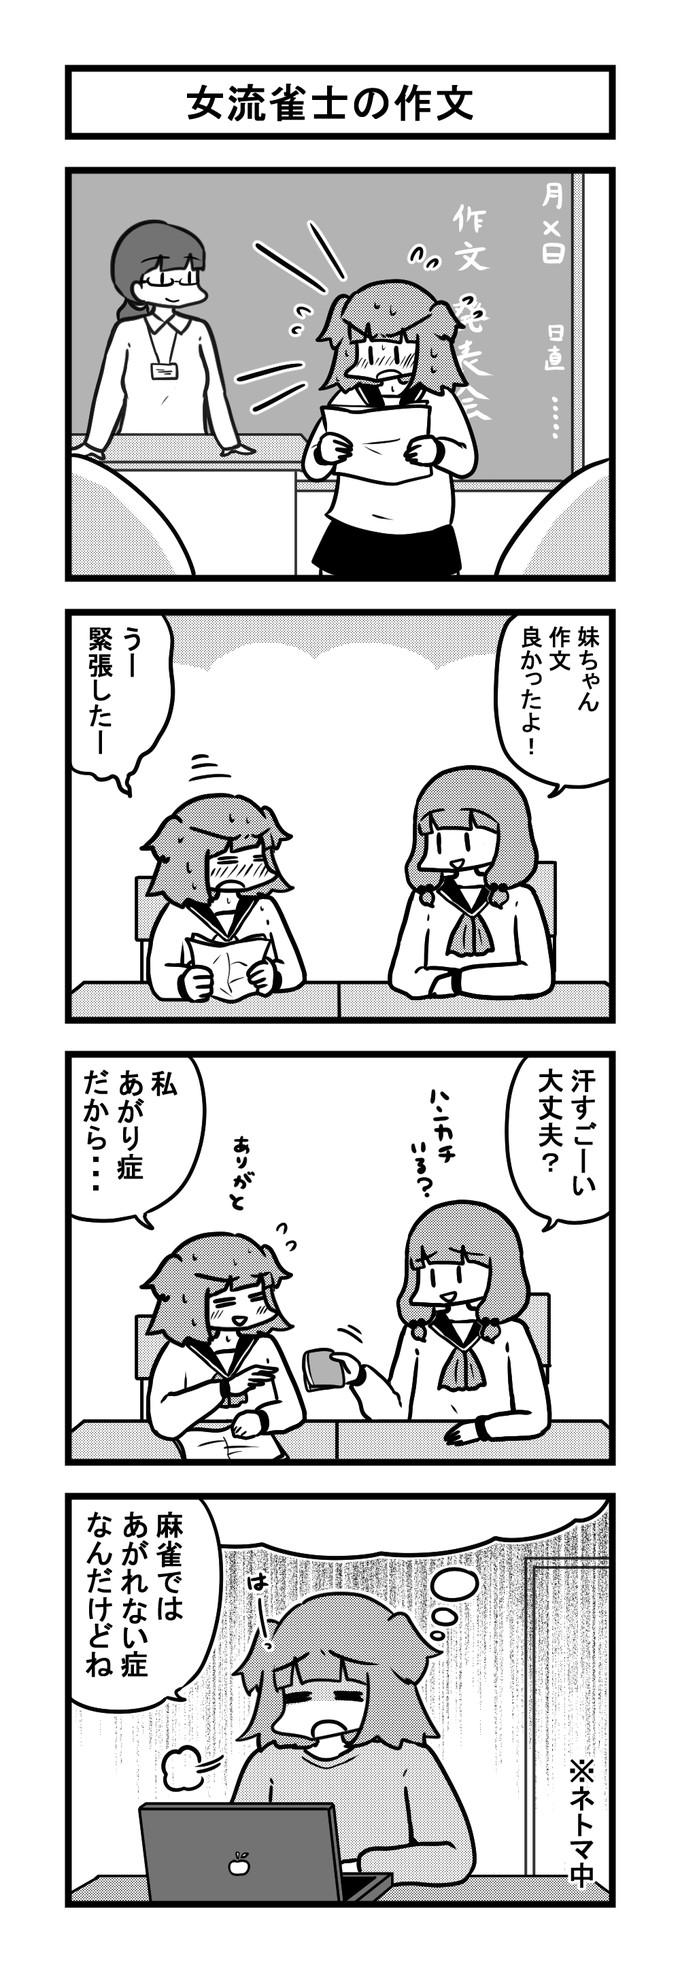 930女流雀士の作文-min